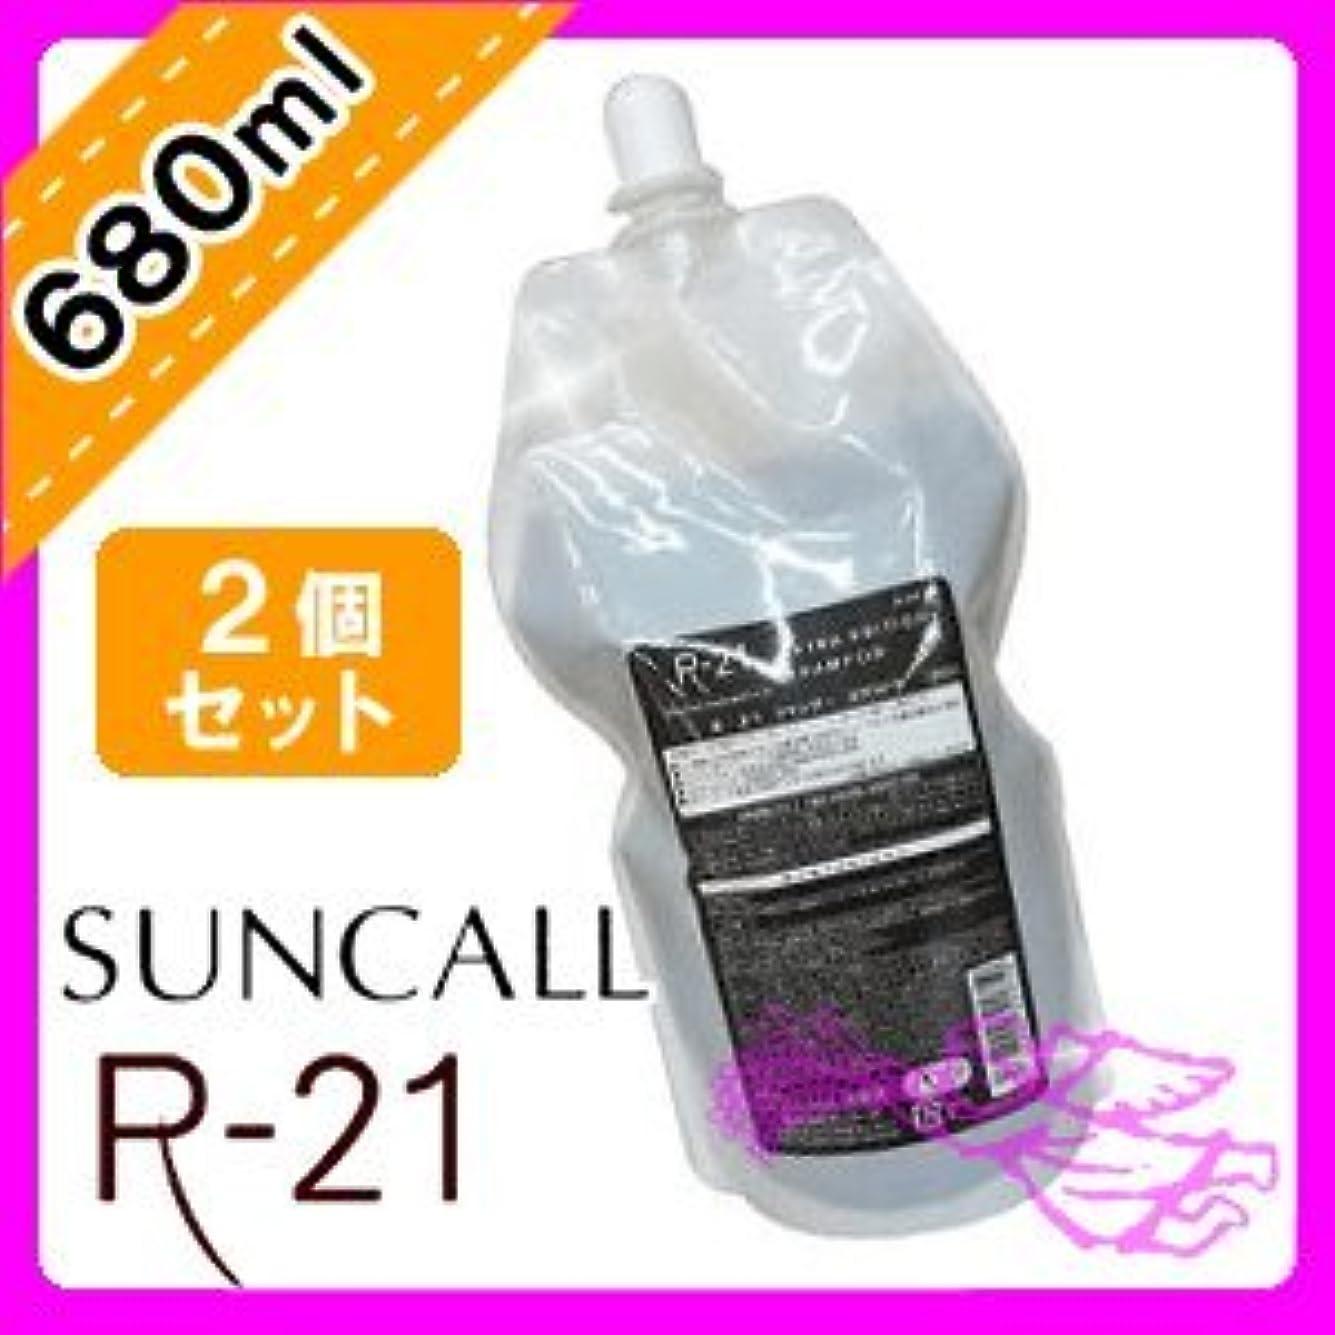 言及する妥協読書サンコール R-21 シャンプー エクストラ 680mL × 2個 セット 詰め替え用 より、ハリ?コシ感のあるすこやかな髪に SUNCALL R-21